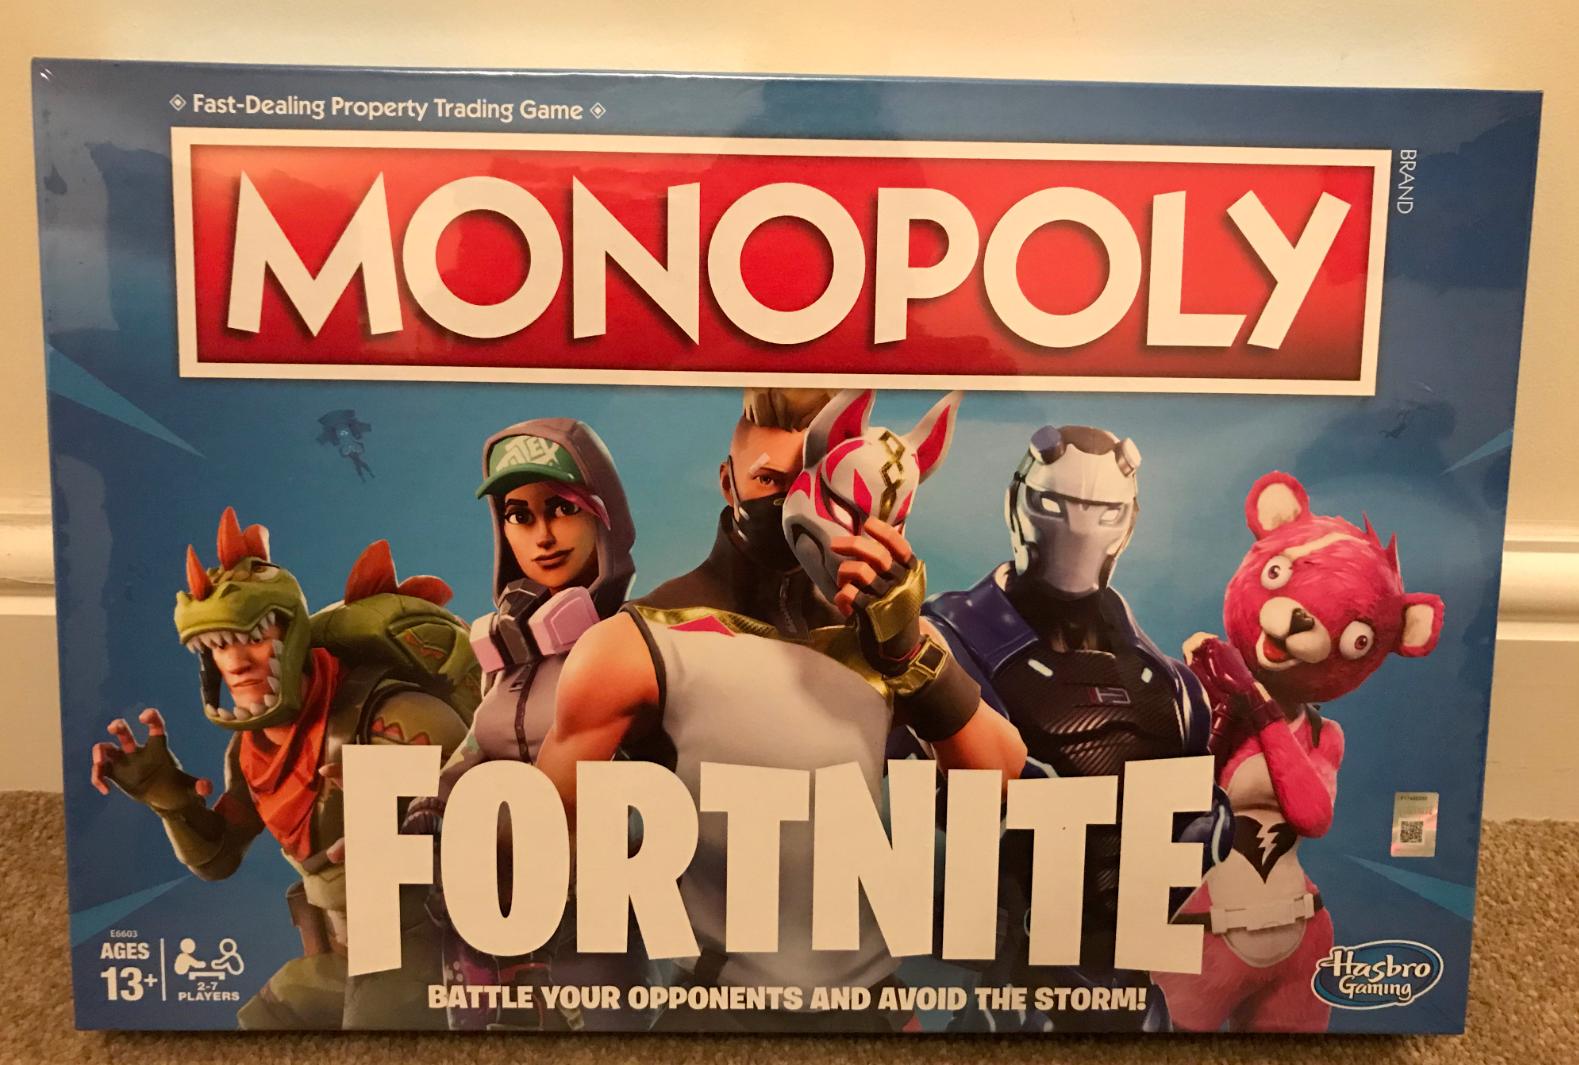 outlet online economico Monopoly Gioco Da Tavolo Edizione fortnite quindici giorni giorni giorni NUOVI 2018 Natale più venduti  ordinare on-line